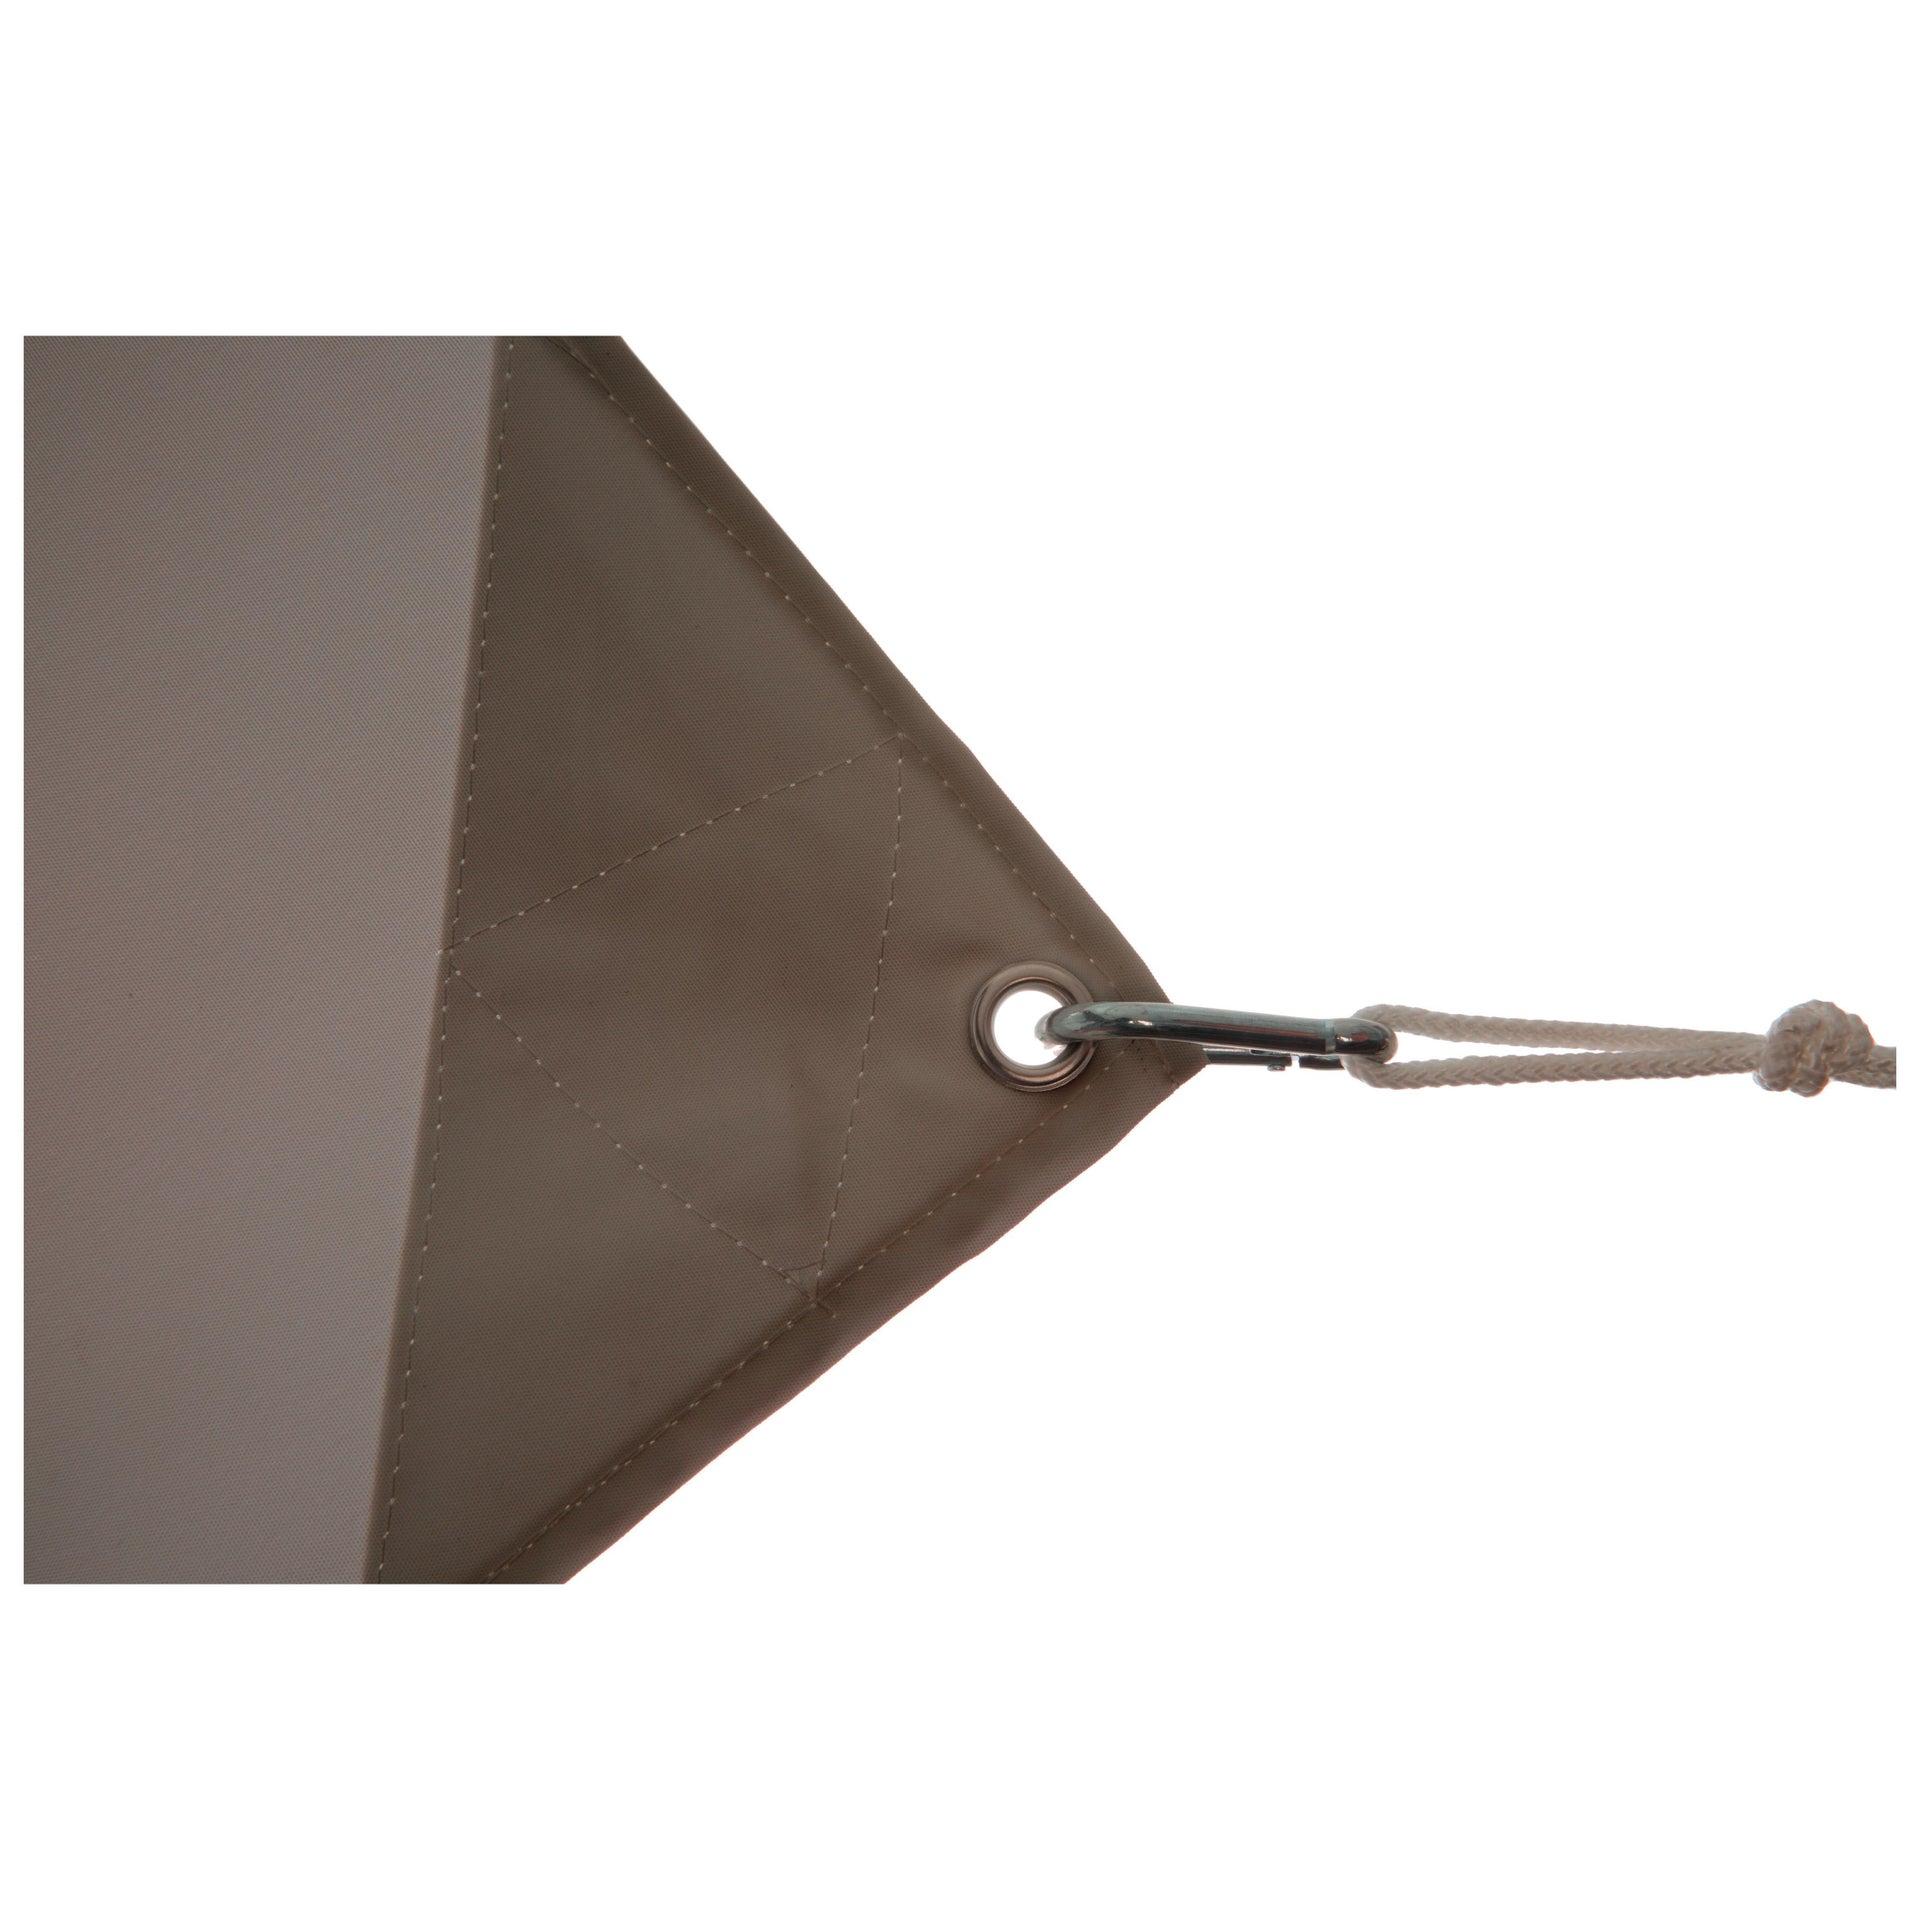 Vela ombreggiante Shade rettangolare tortora 300 x 400 cm - 4